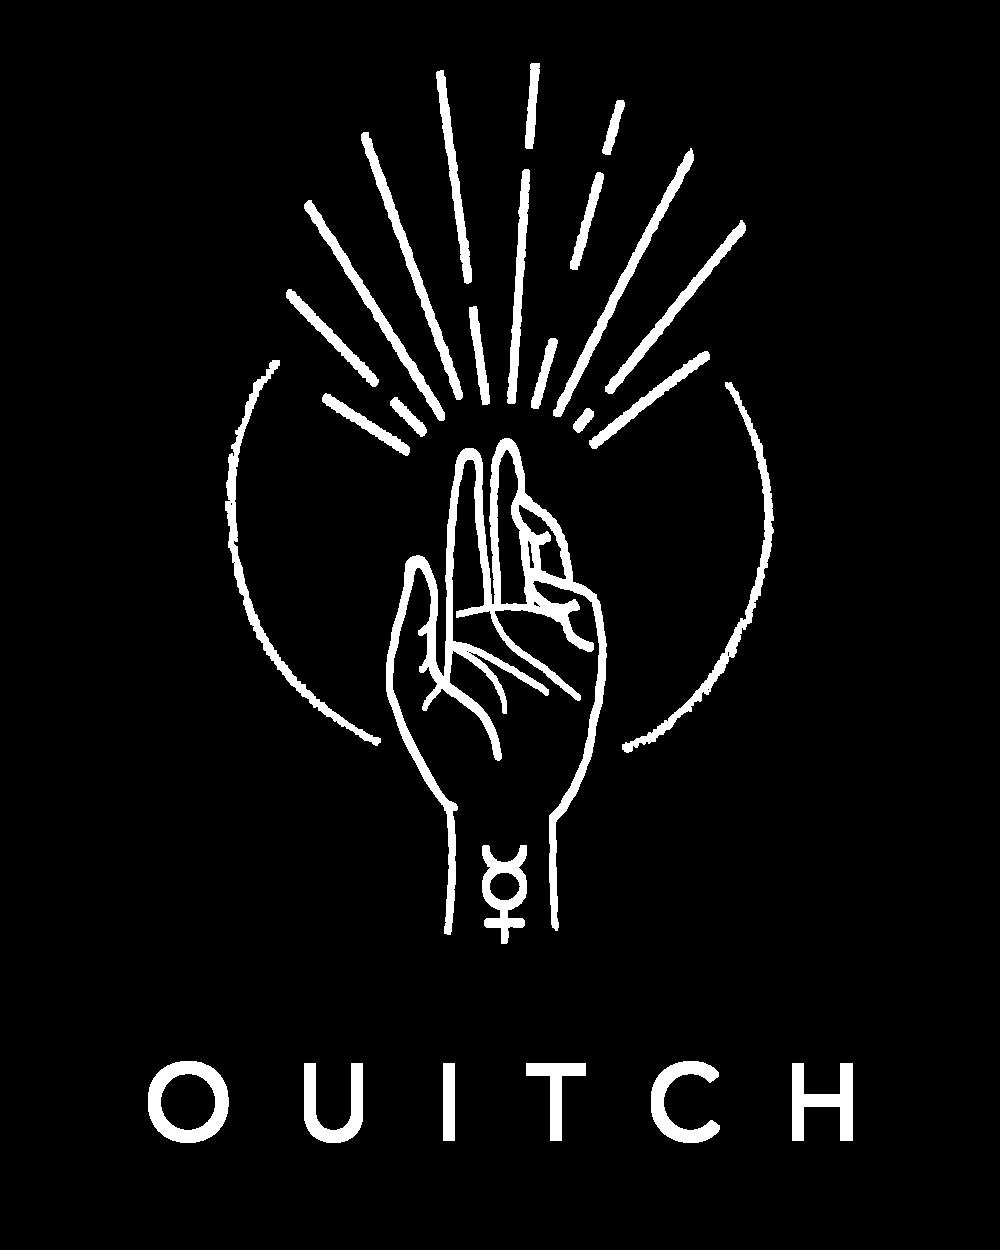 Logo Ouitch Blanc-800x1000.png